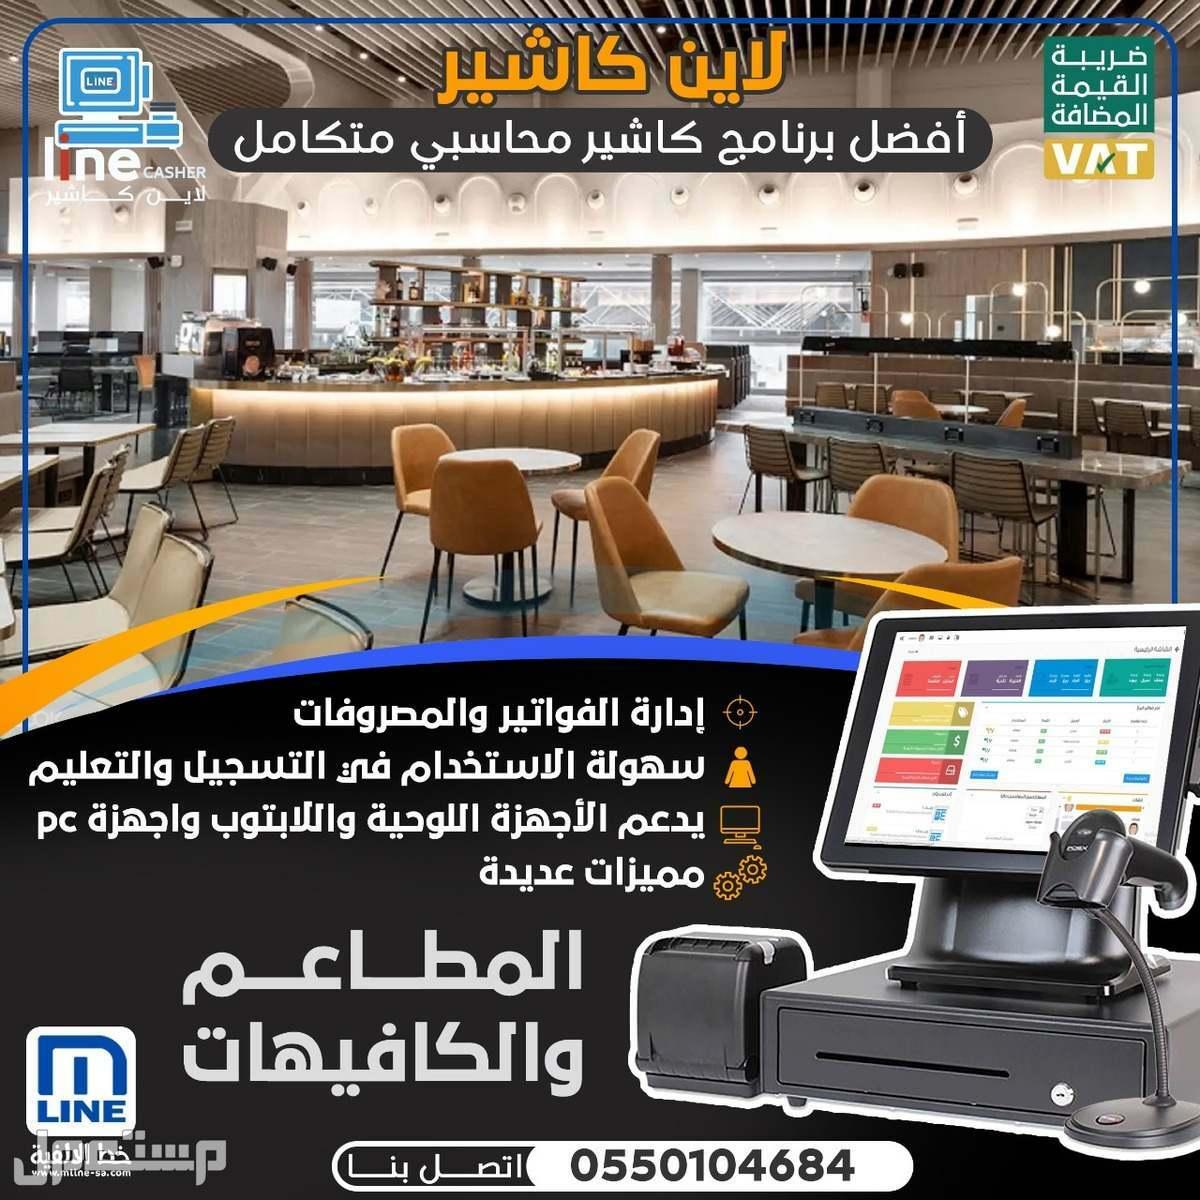 برامج محاسبية و نقاط بيع , مطاعم , محلات تجارية